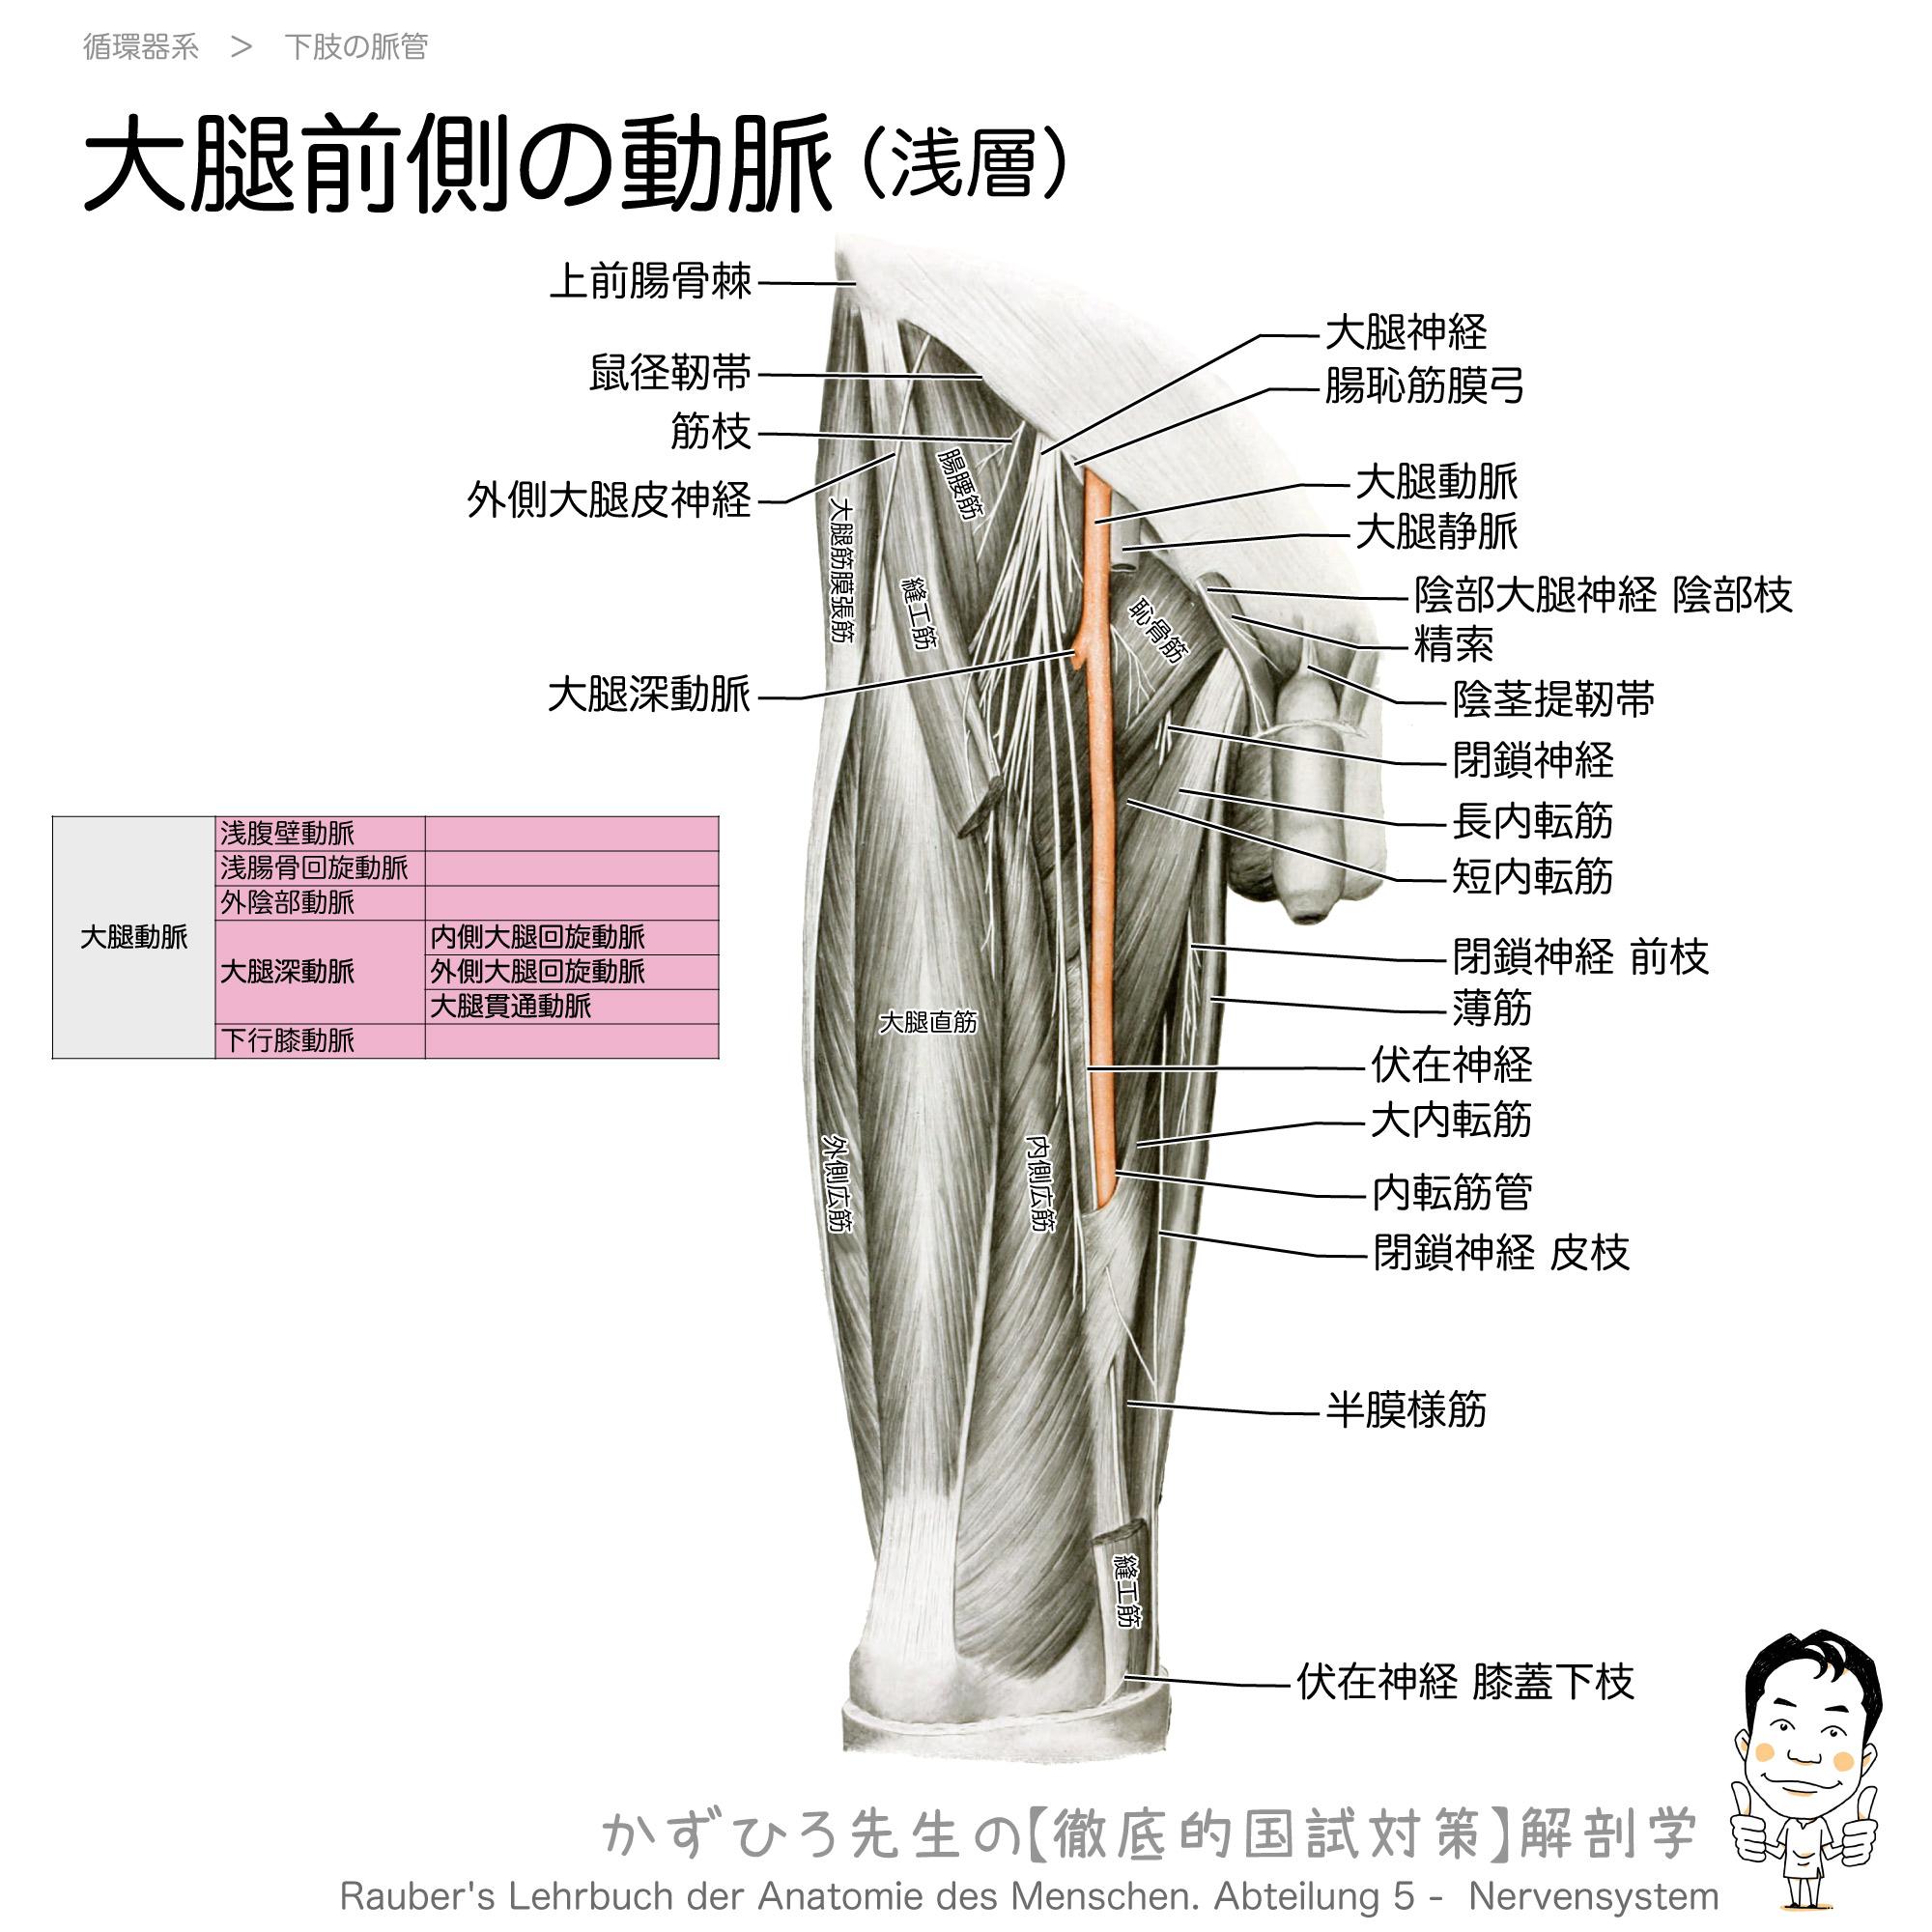 大腿前側の動脈(浅層):大腿動脈と大腿神経